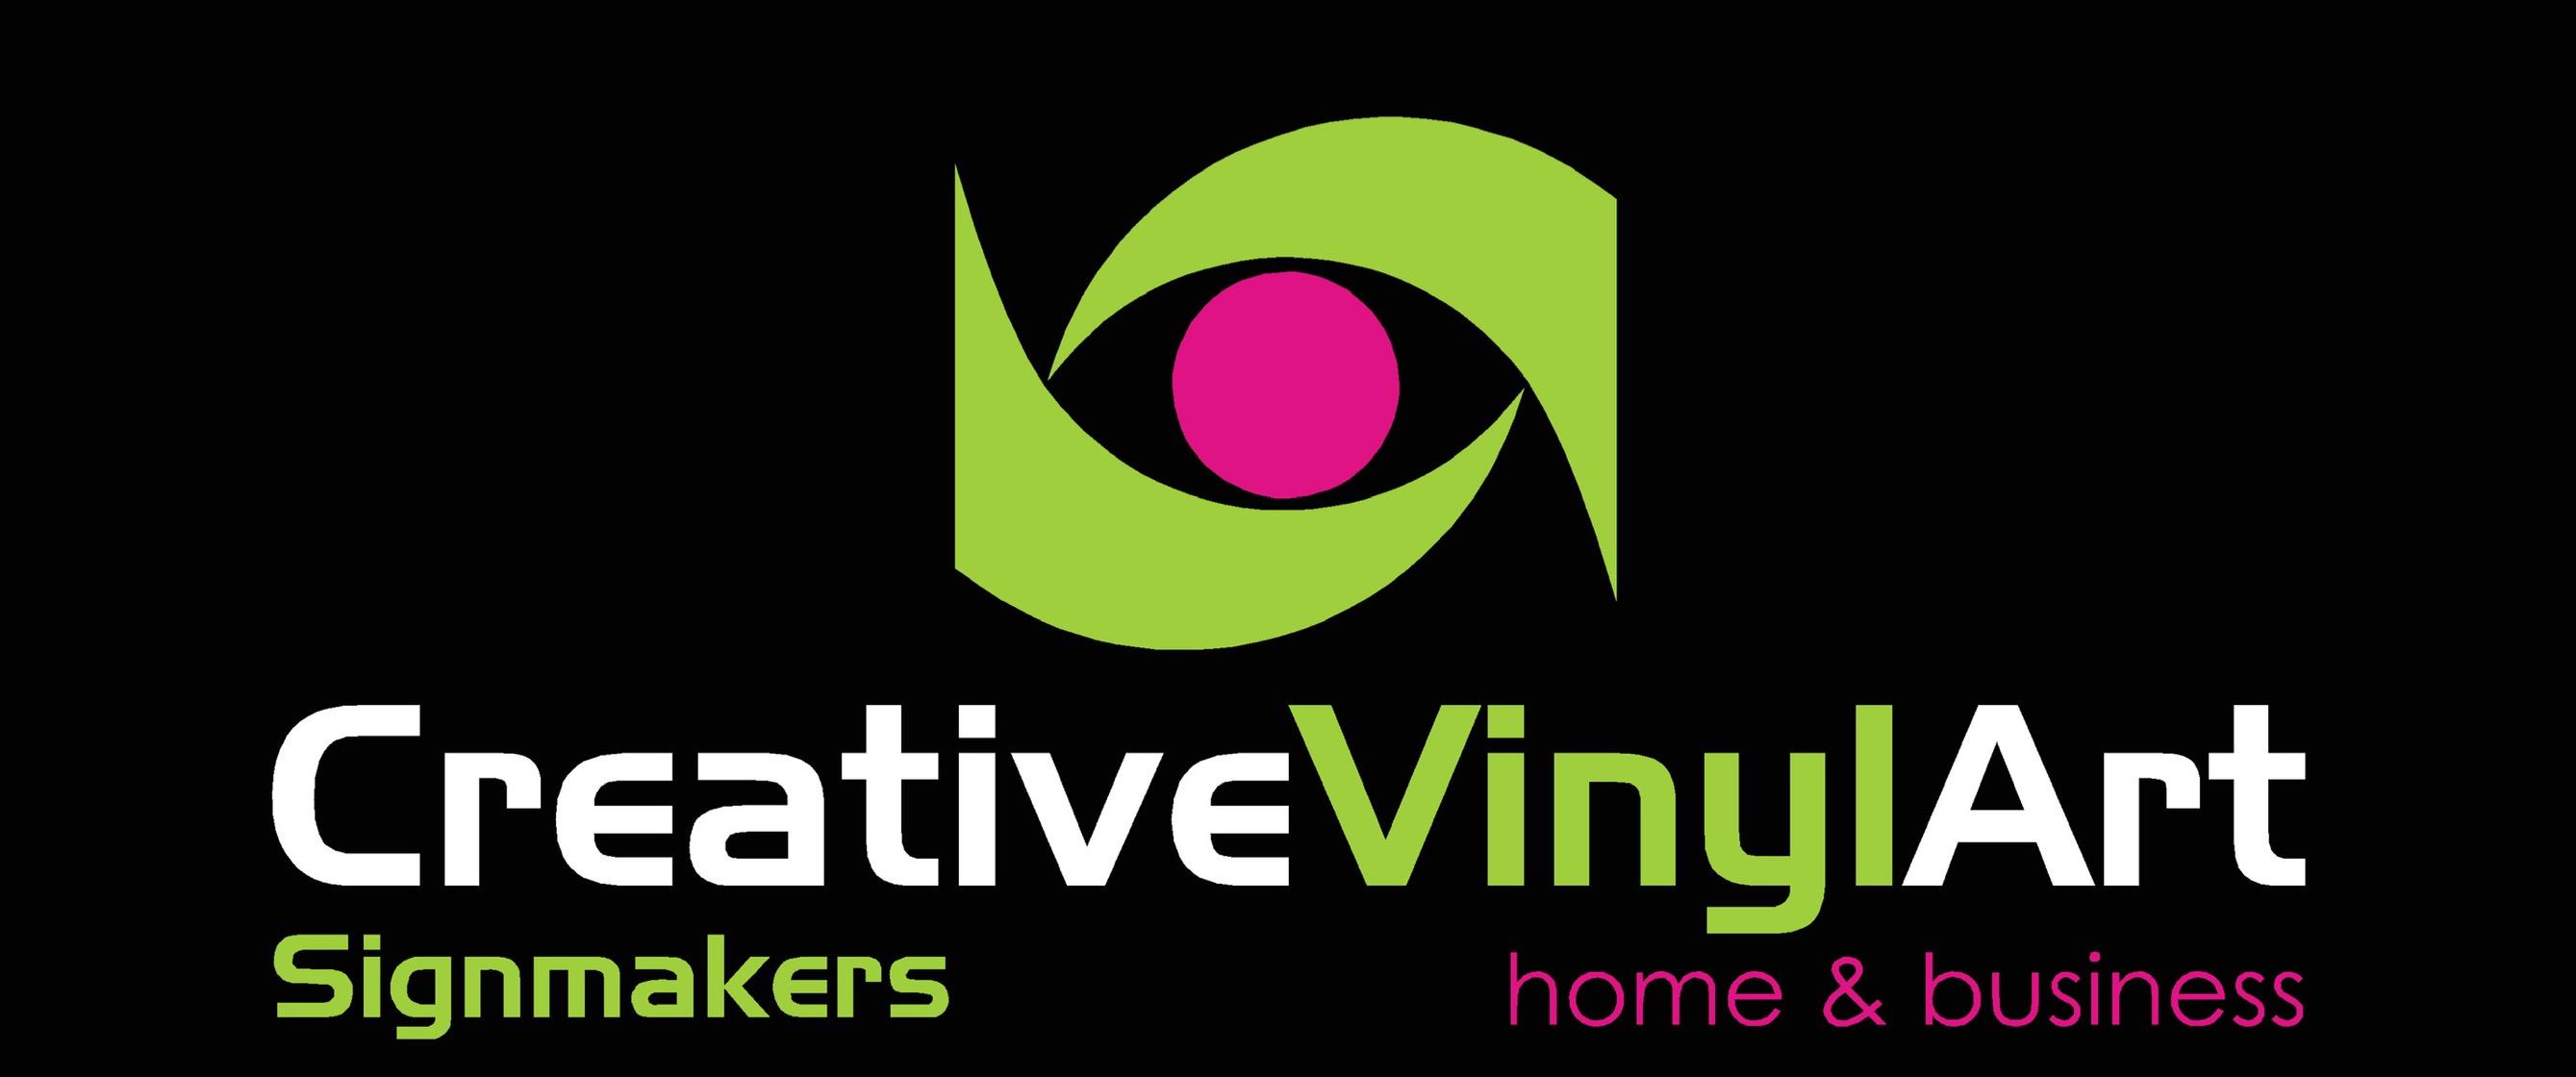 Creative Vinyl